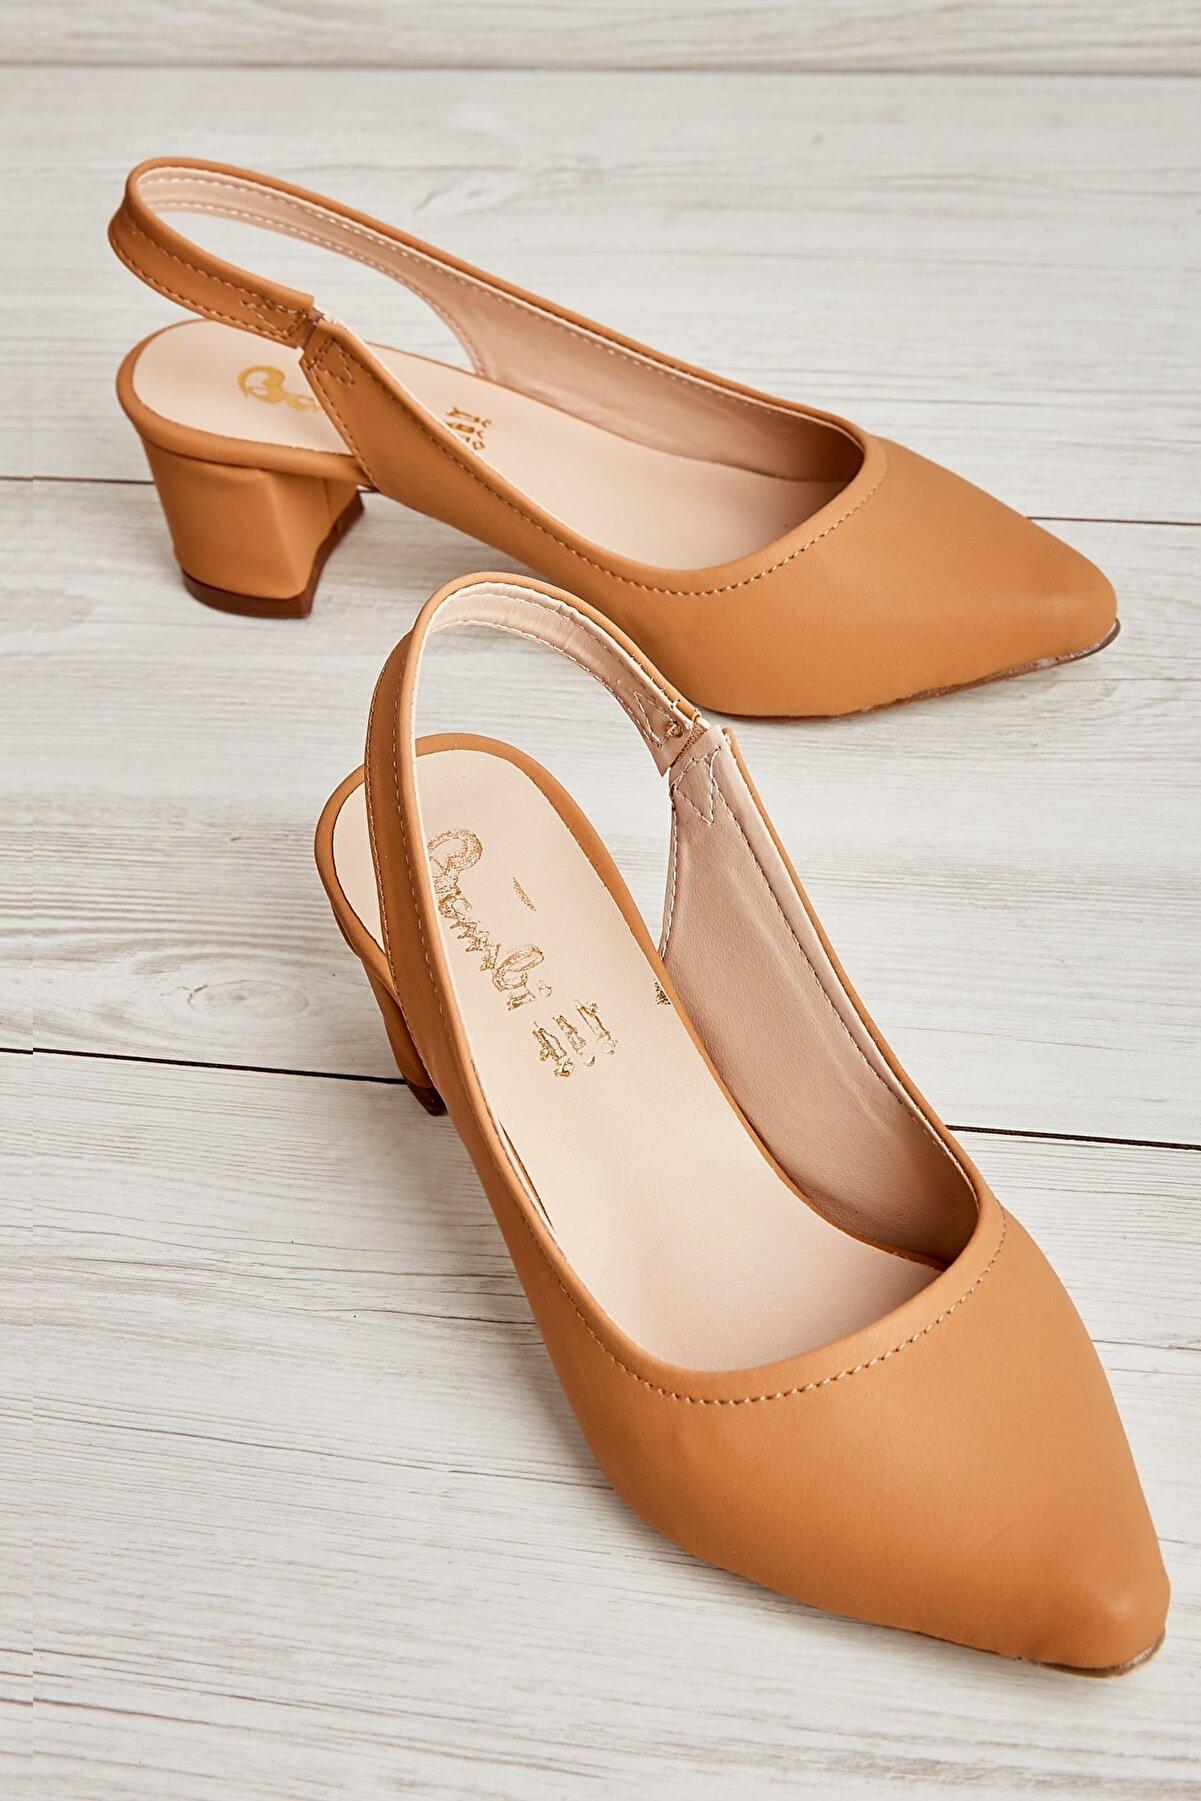 Bambi Camel Nubuk Kadın Klasik Topuklu Ayakkabı K01503721071